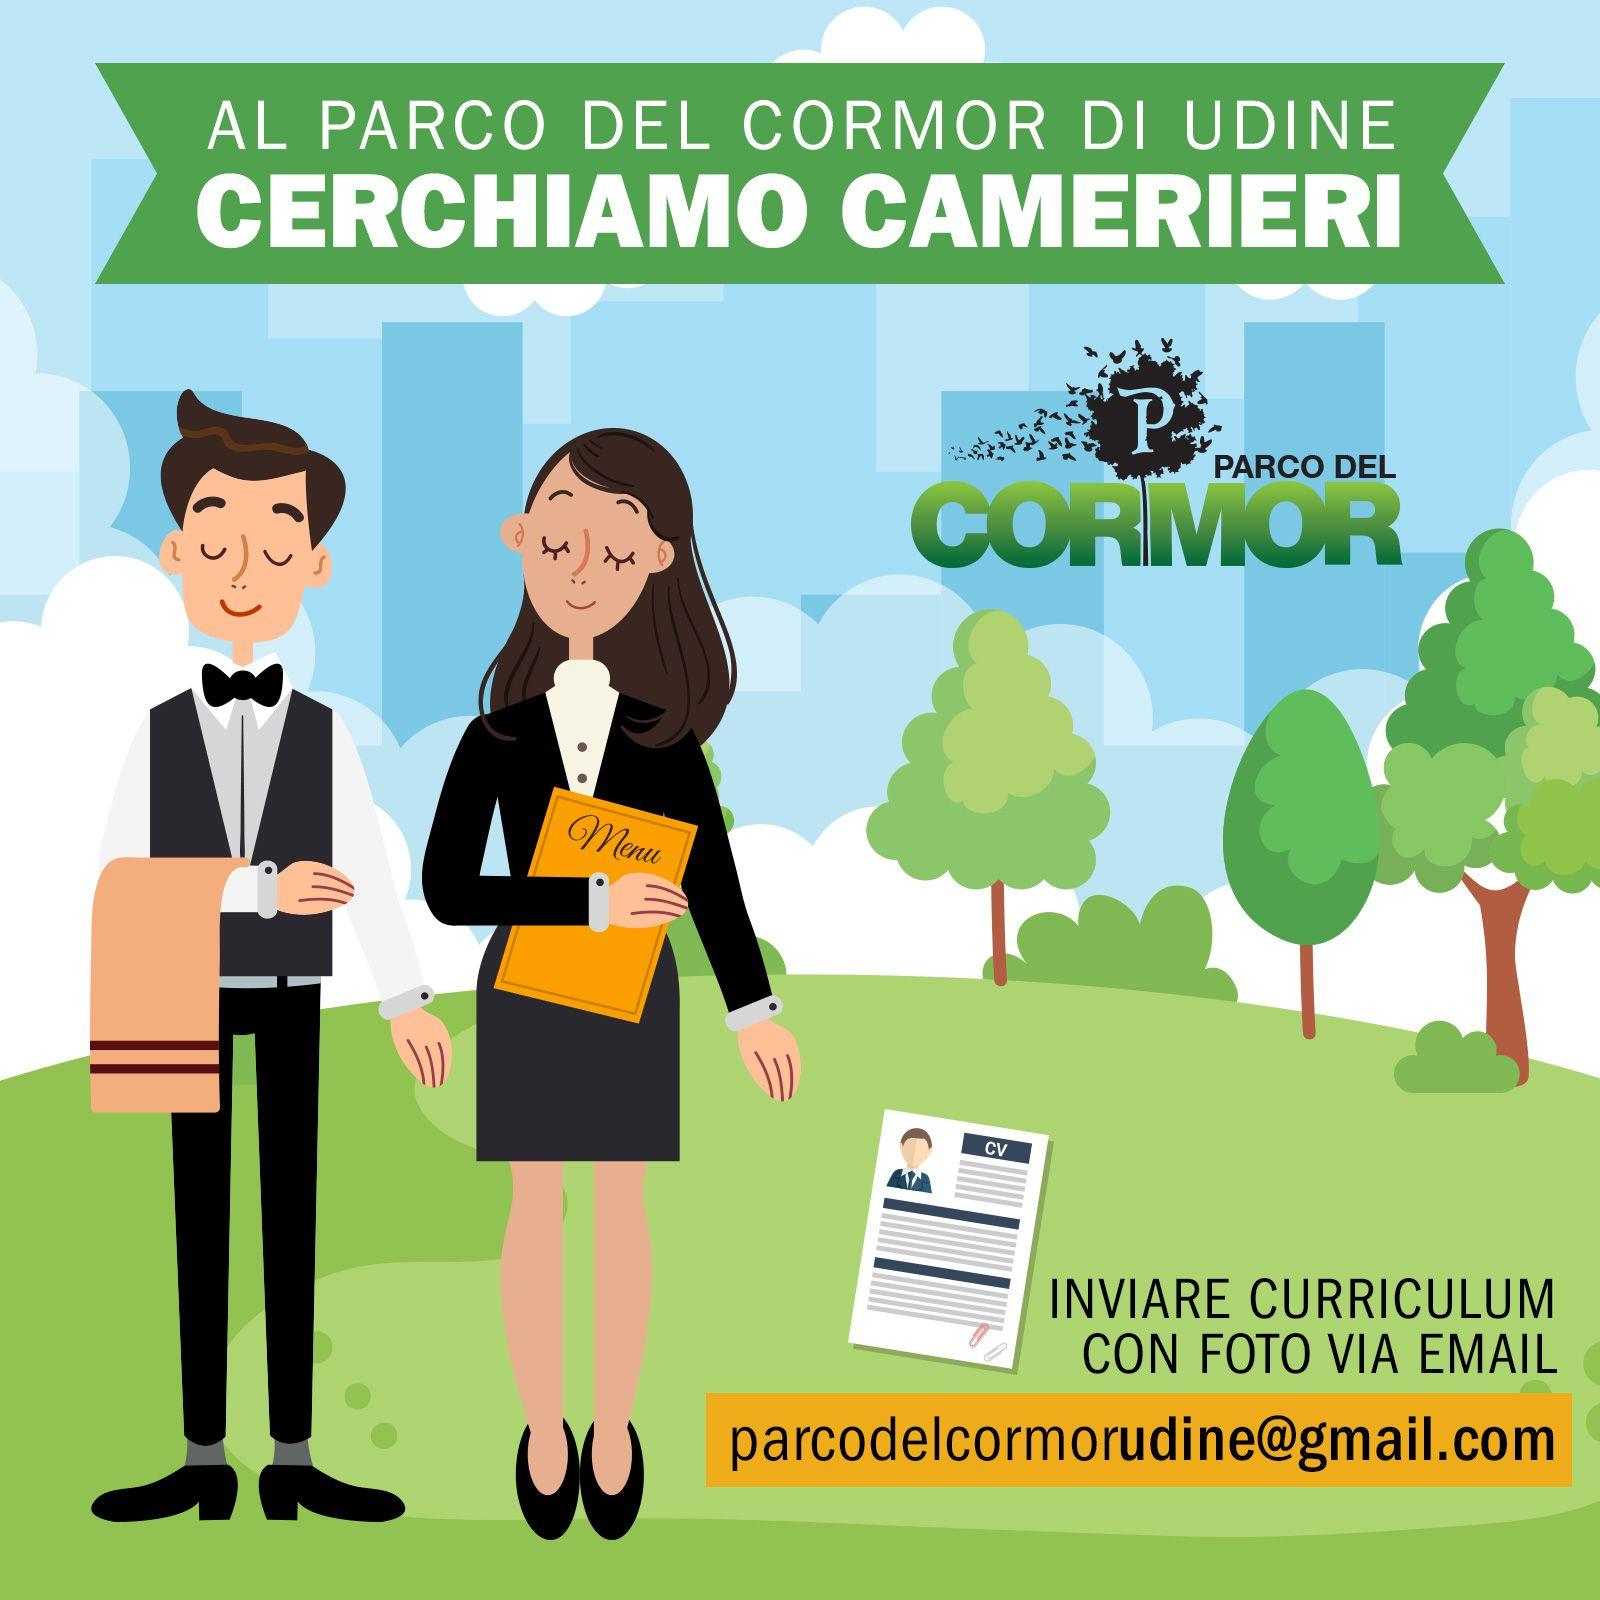 Cerchiamo Camerieri Al Parco Del Cormor Di Udine Cerchiamo